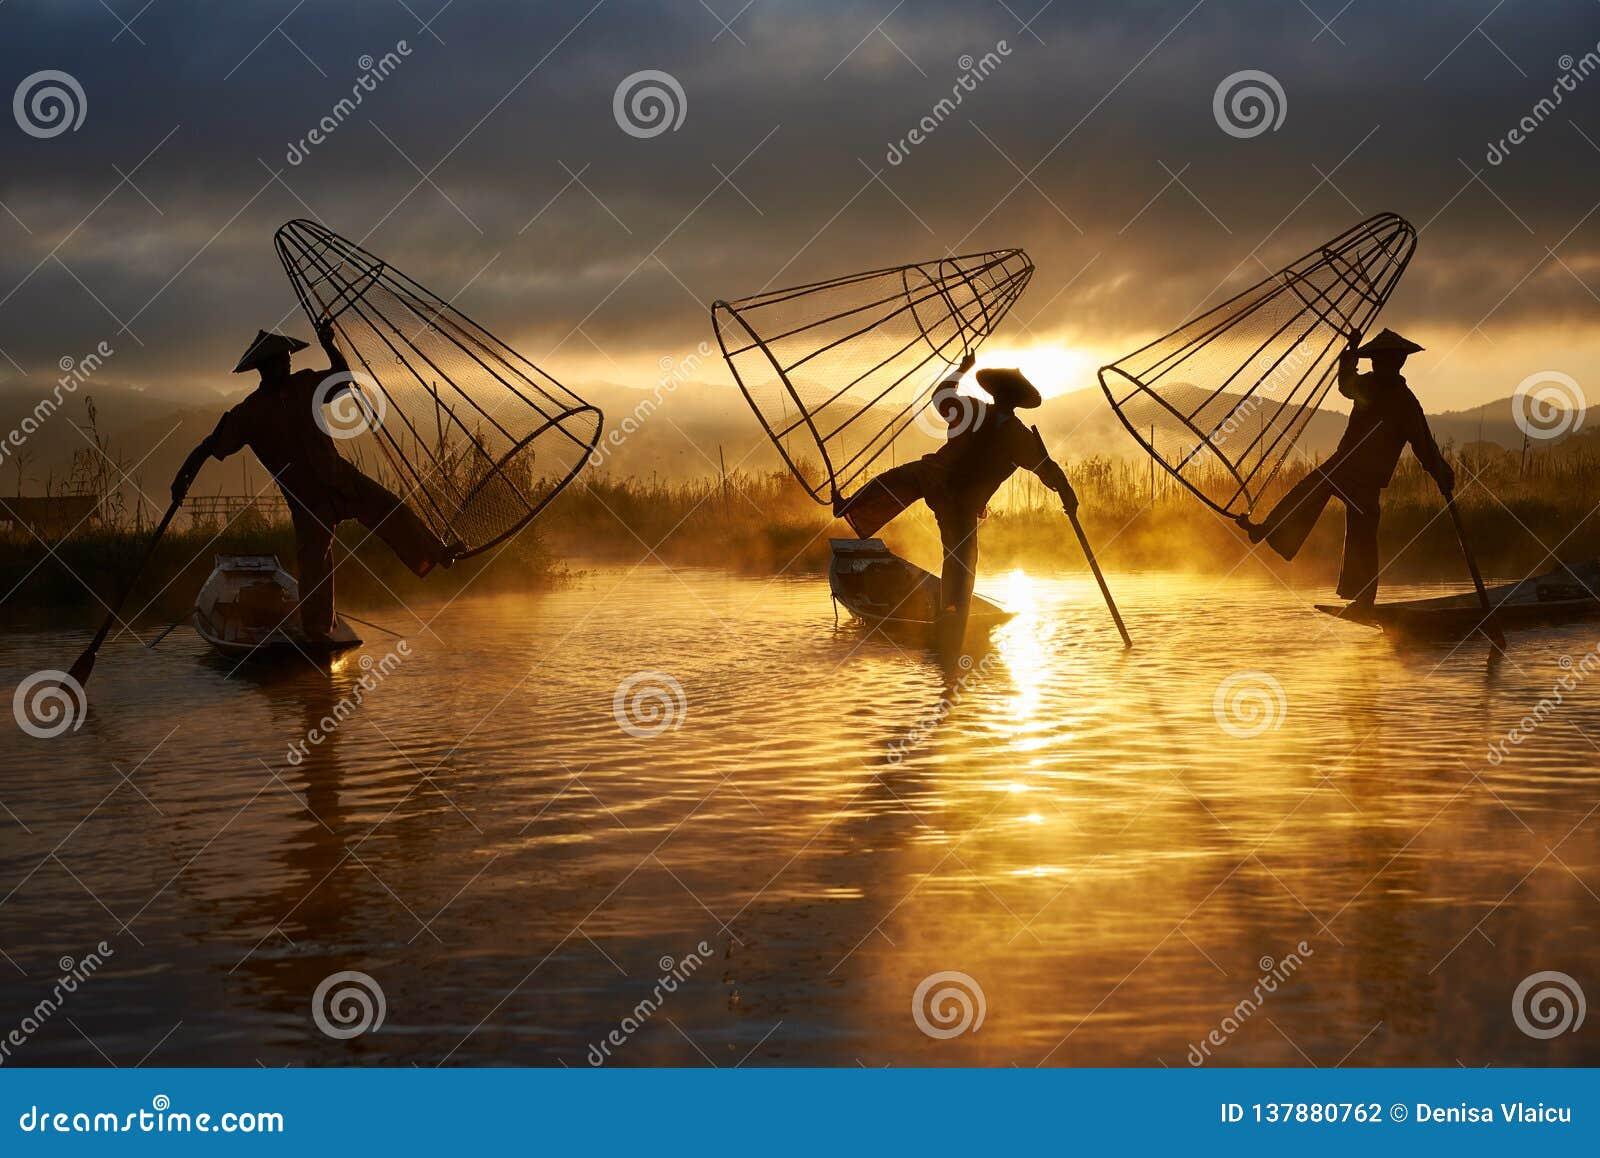 Silhouettes de trois pêcheurs sur le lac Myanmar Inle